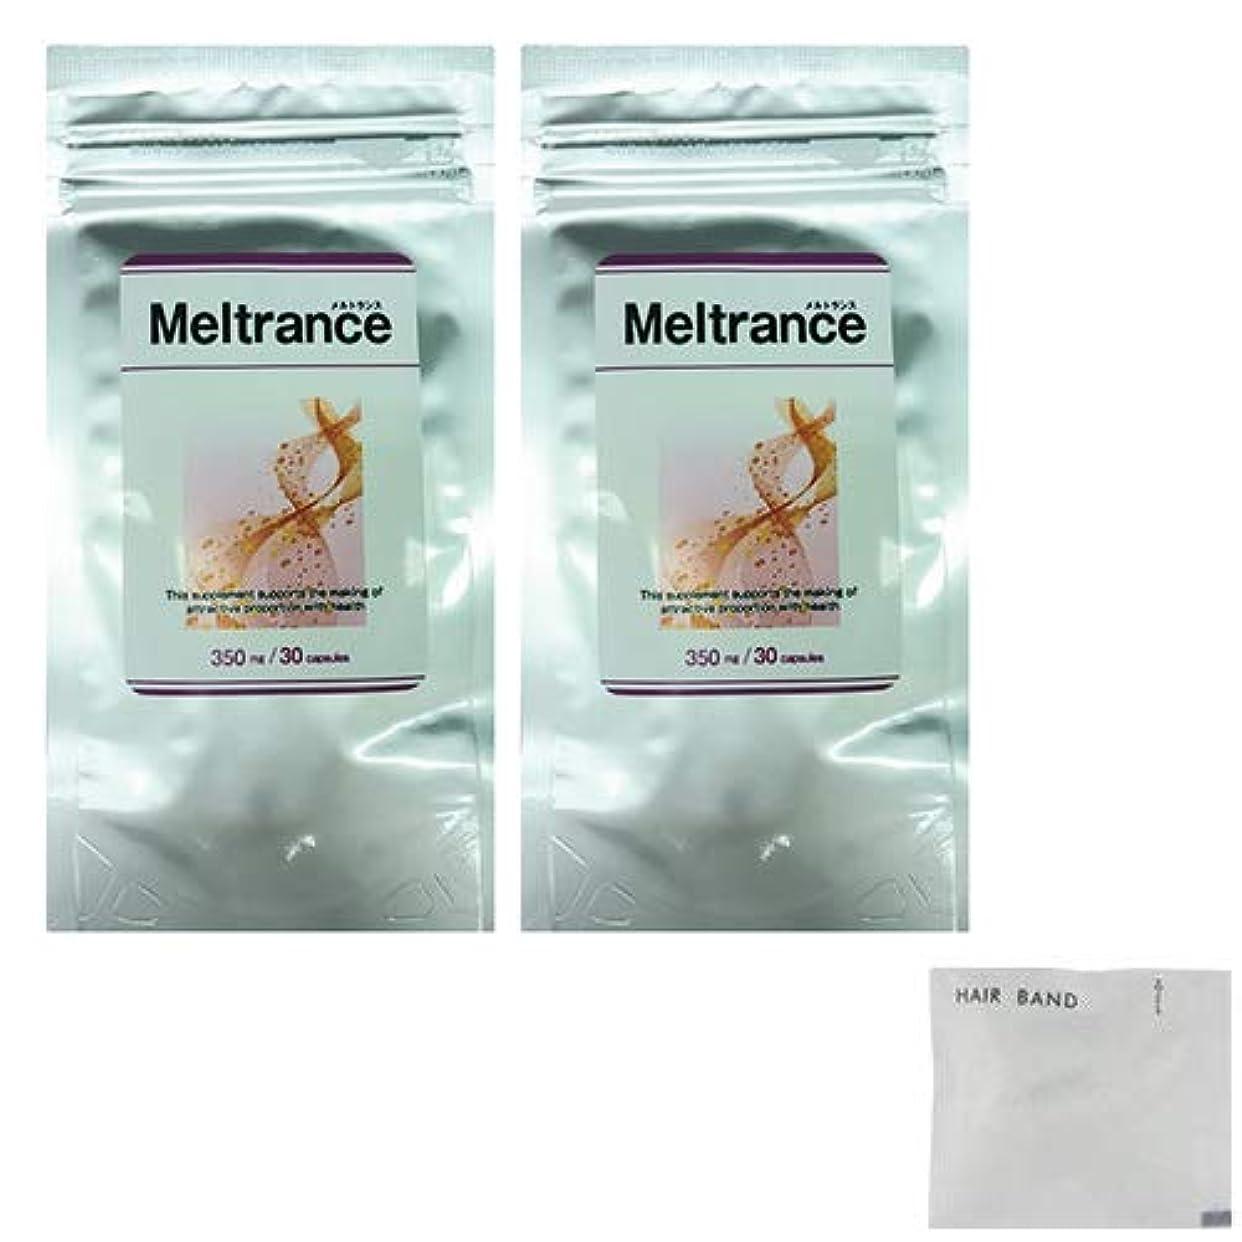 メルトランス(Meltrance) サプリメント 30粒×2個 + ヘアゴム(カラーはおまかせ)セット